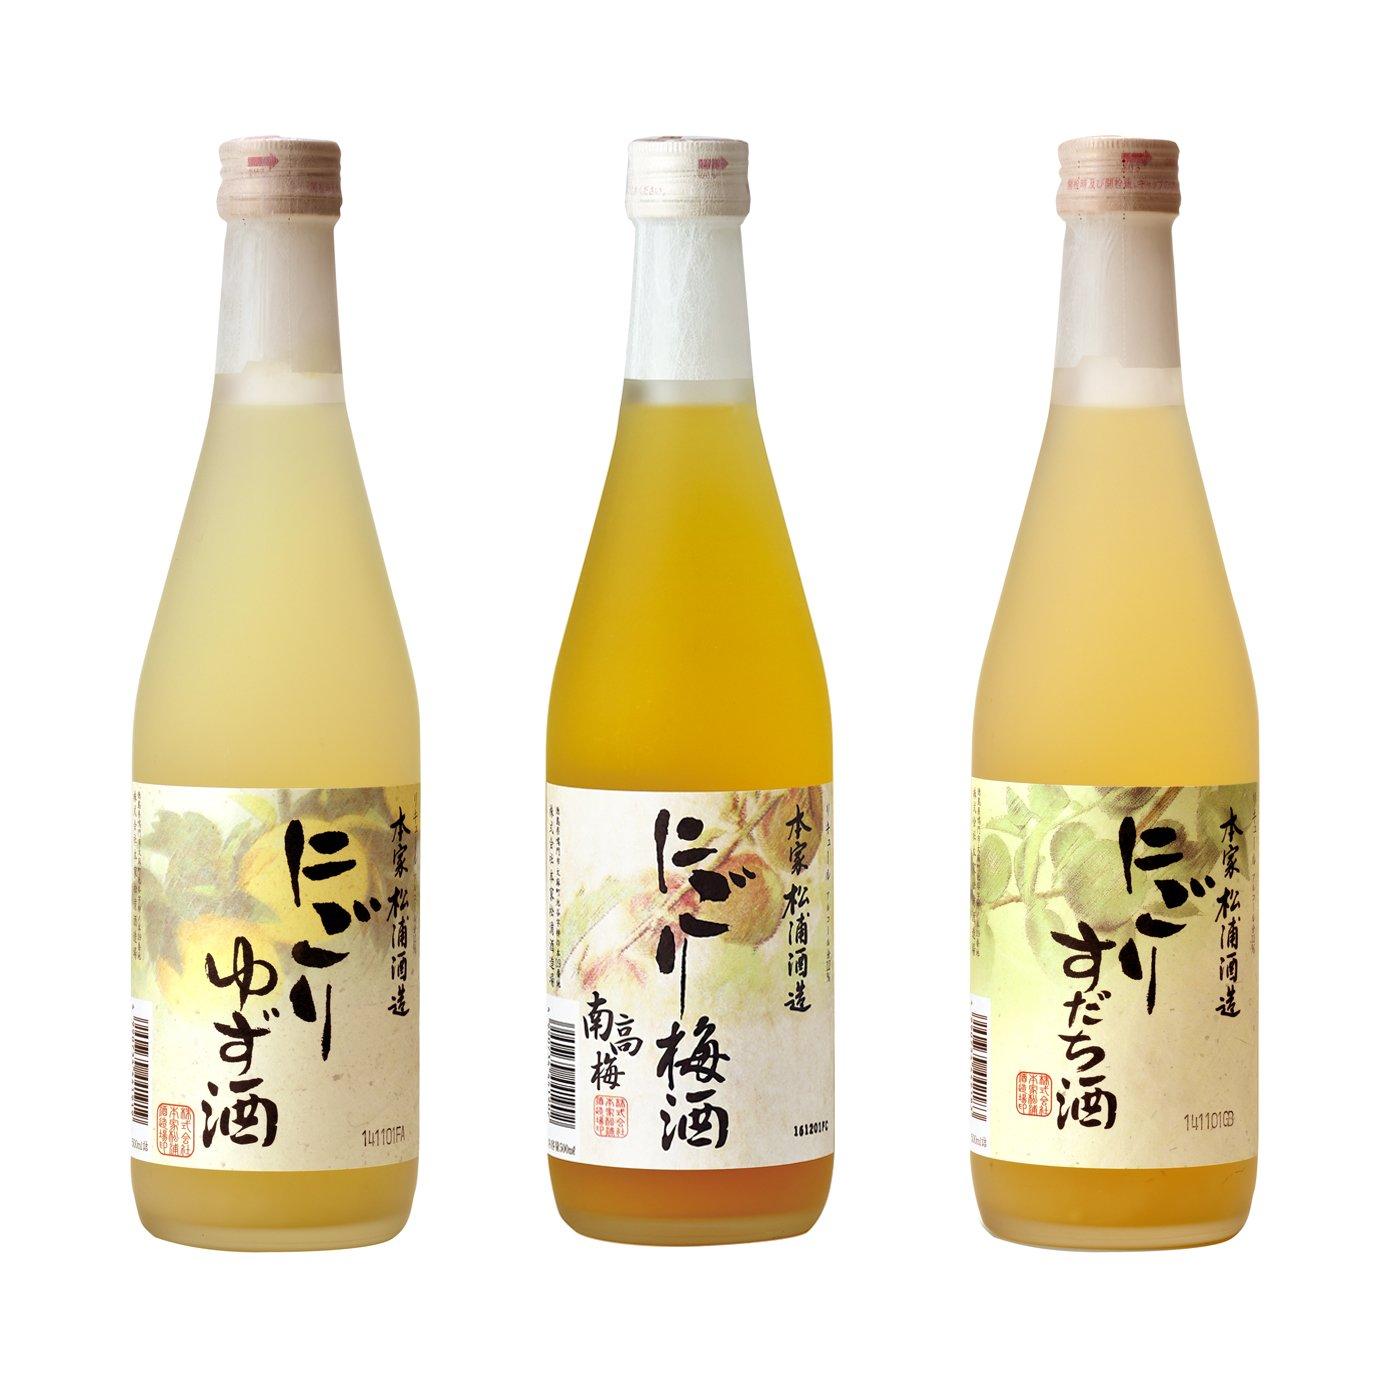 松浦酒造 果実を使ったにごりリキュールセット